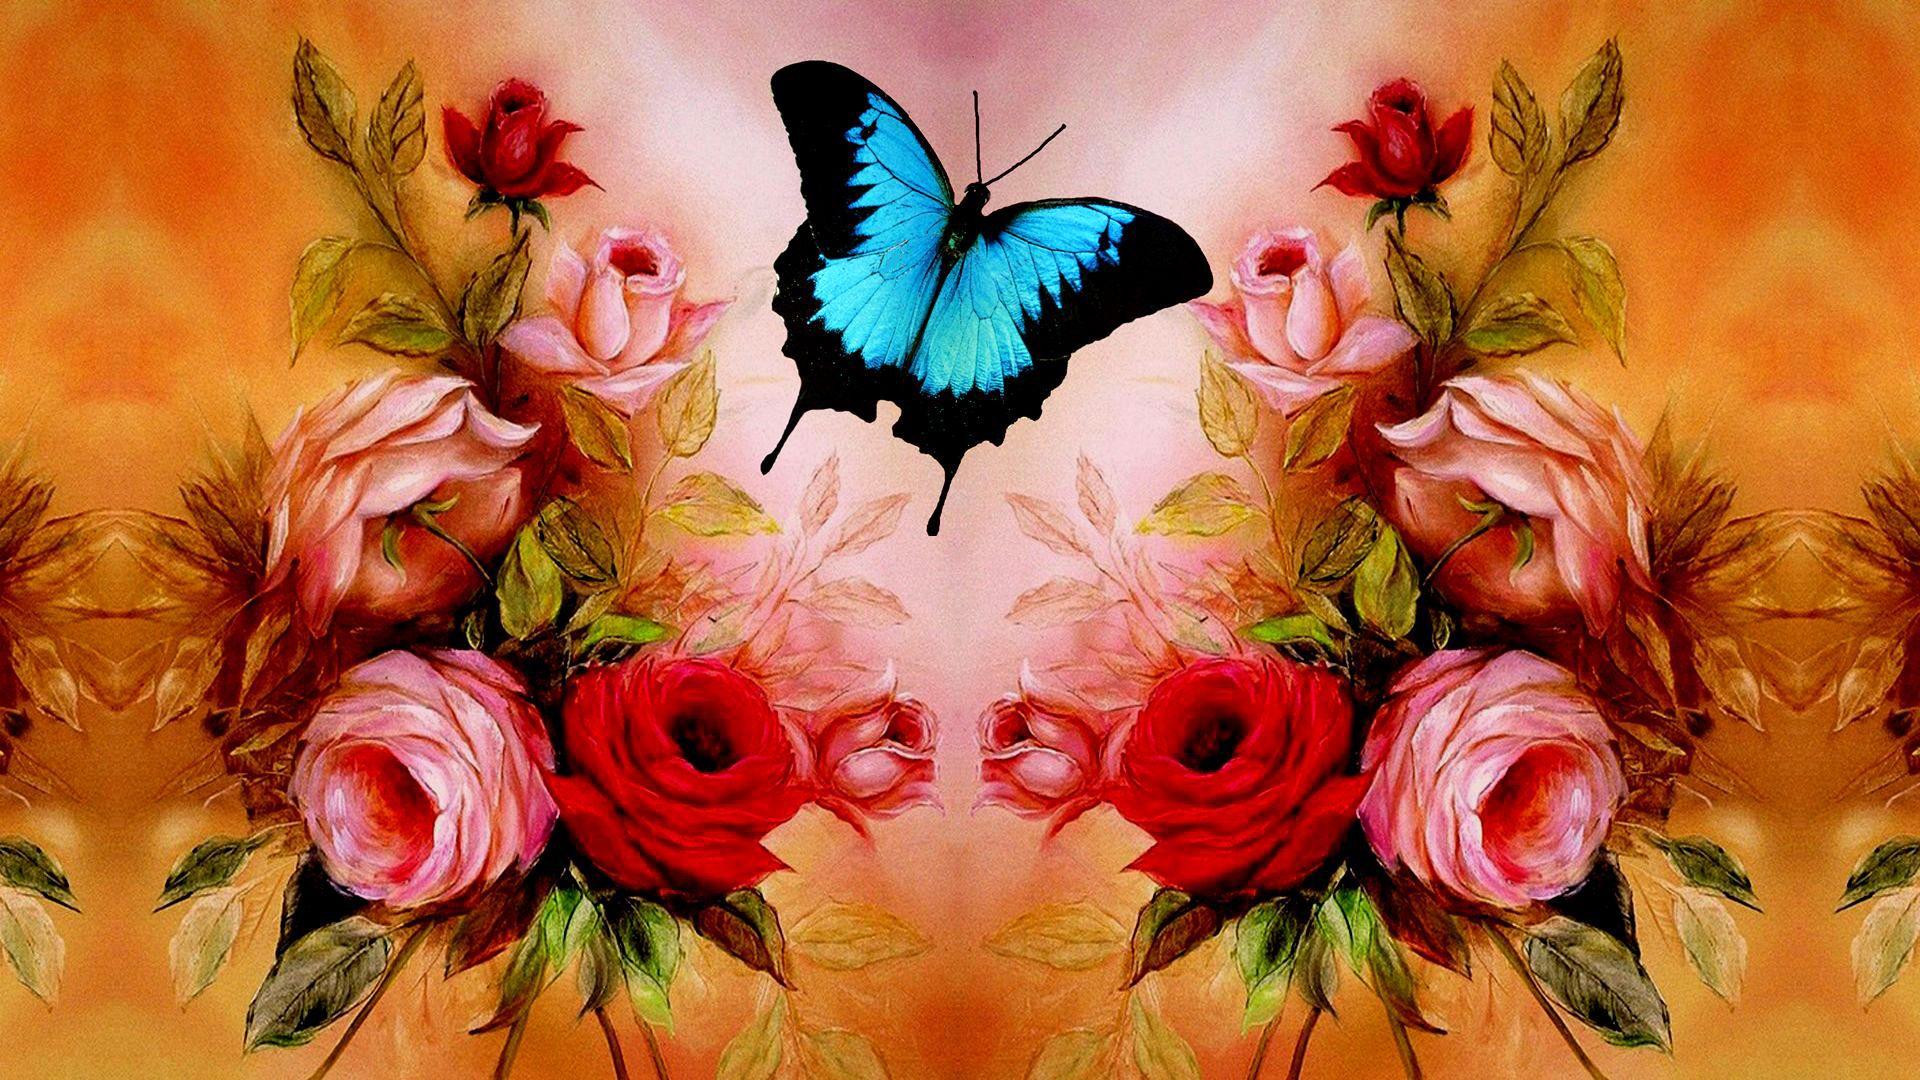 Wallpaper Roses